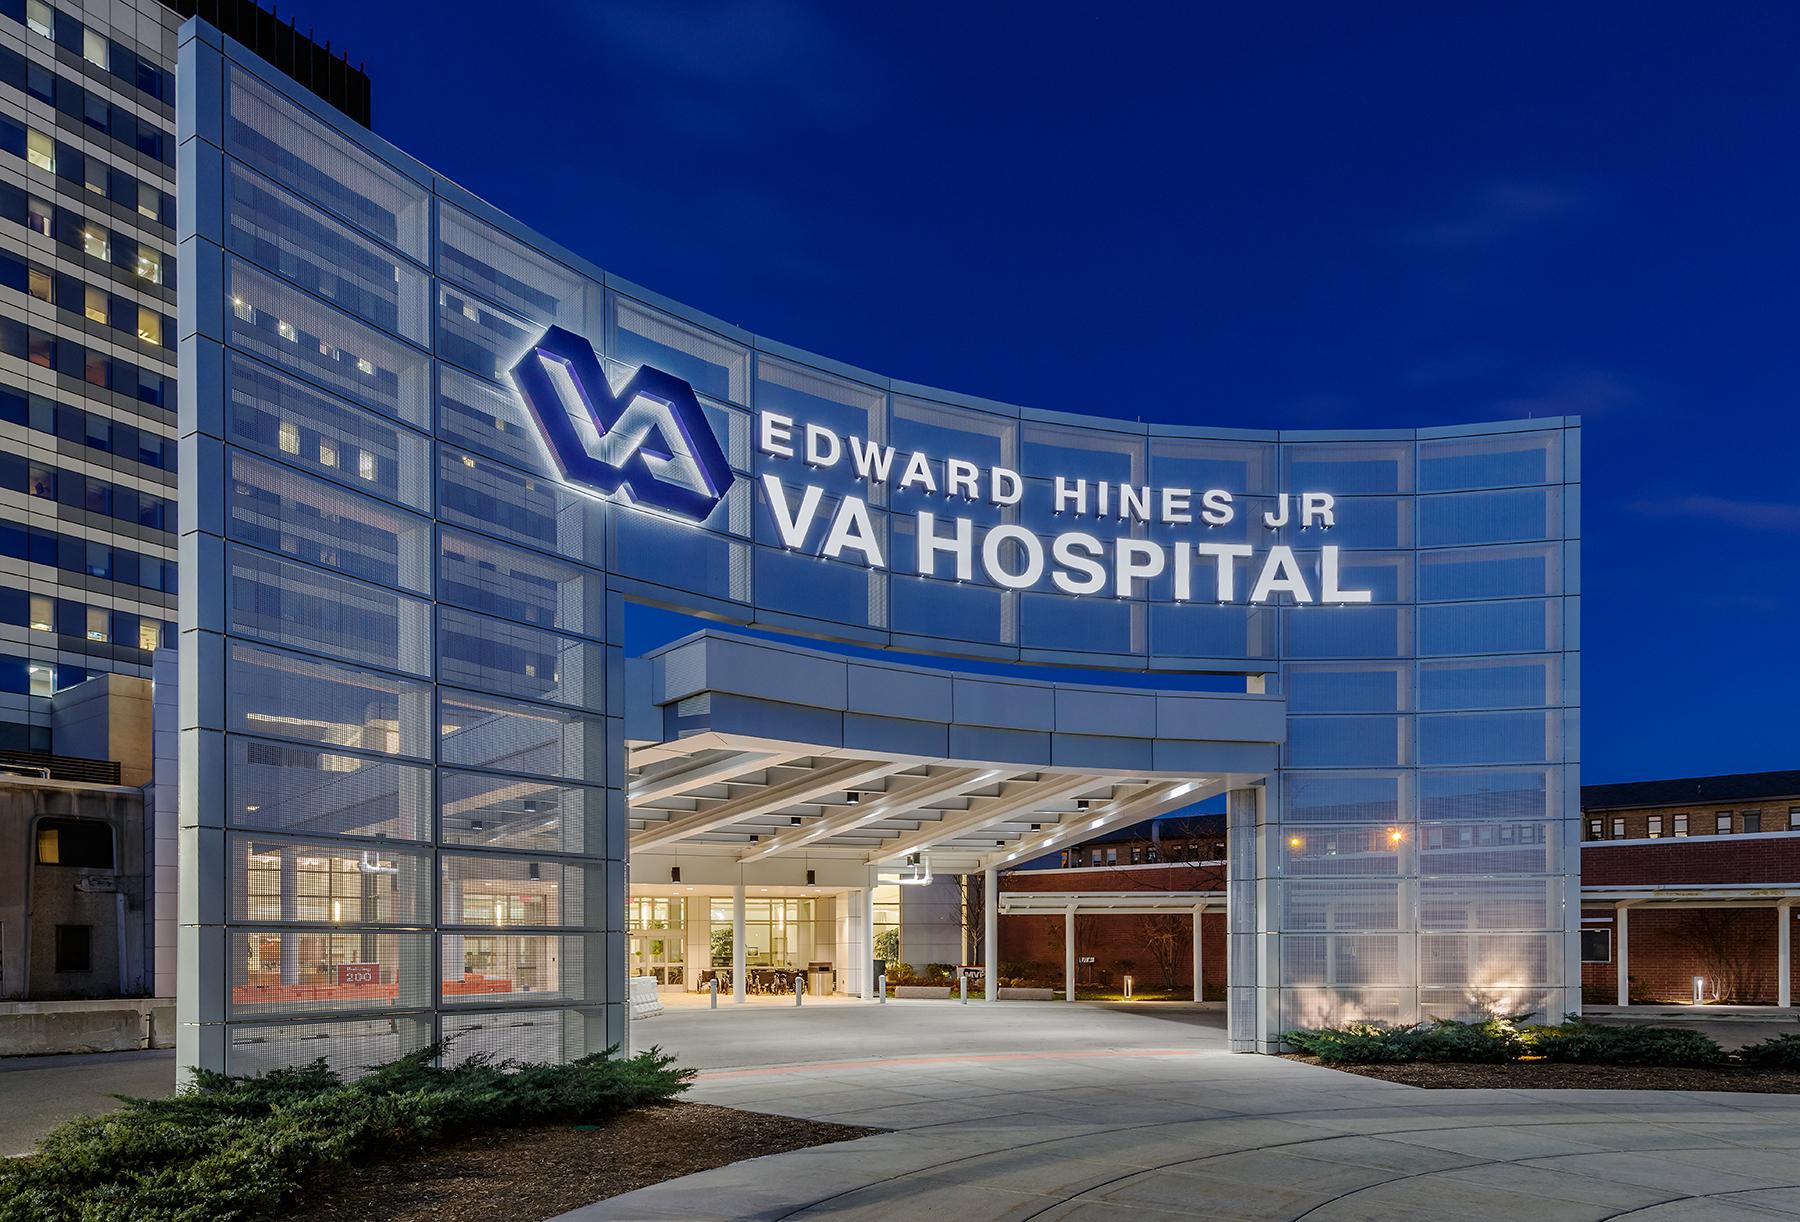 Edward-Hines-Building-200-Façade-Replacement-Hines-Illinois-Entrance-Facade-Canopy-Night-Detail-01-Ballogg